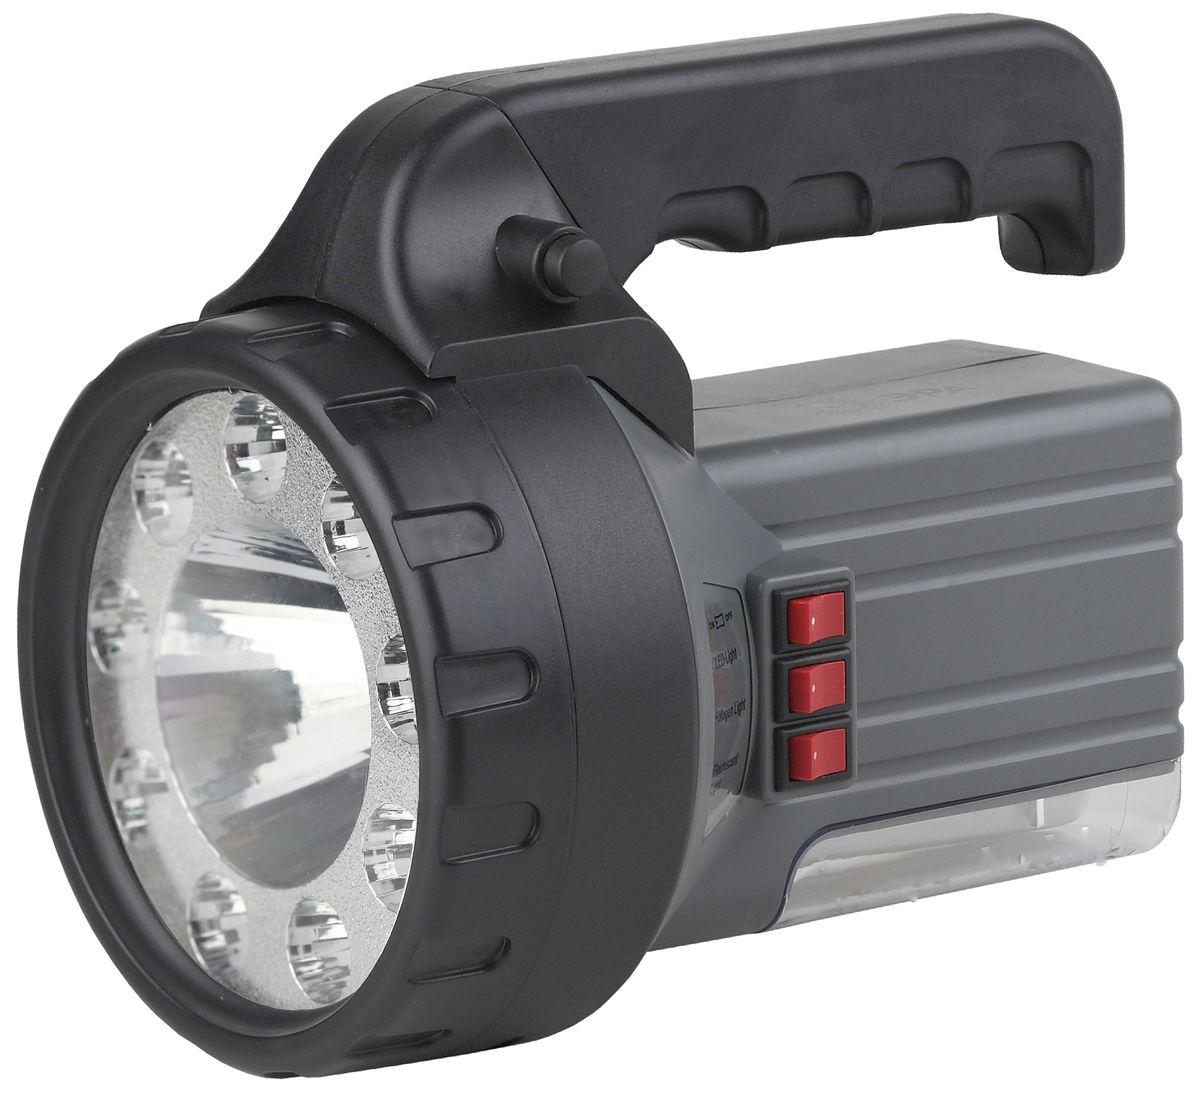 Фонарь ручной ЭРА, 1W+9+18 LED , аккумулятор 2Ah, ЗУ 220VFA58MАккумуляторный ПОЛНОСТЬЮ светодиодный фонарь 3в1: фонарь 9xLED + прожектор 1W + светильник 18xLED Аккумулятор 6V 2.5Ah подзарядка от сети 220V